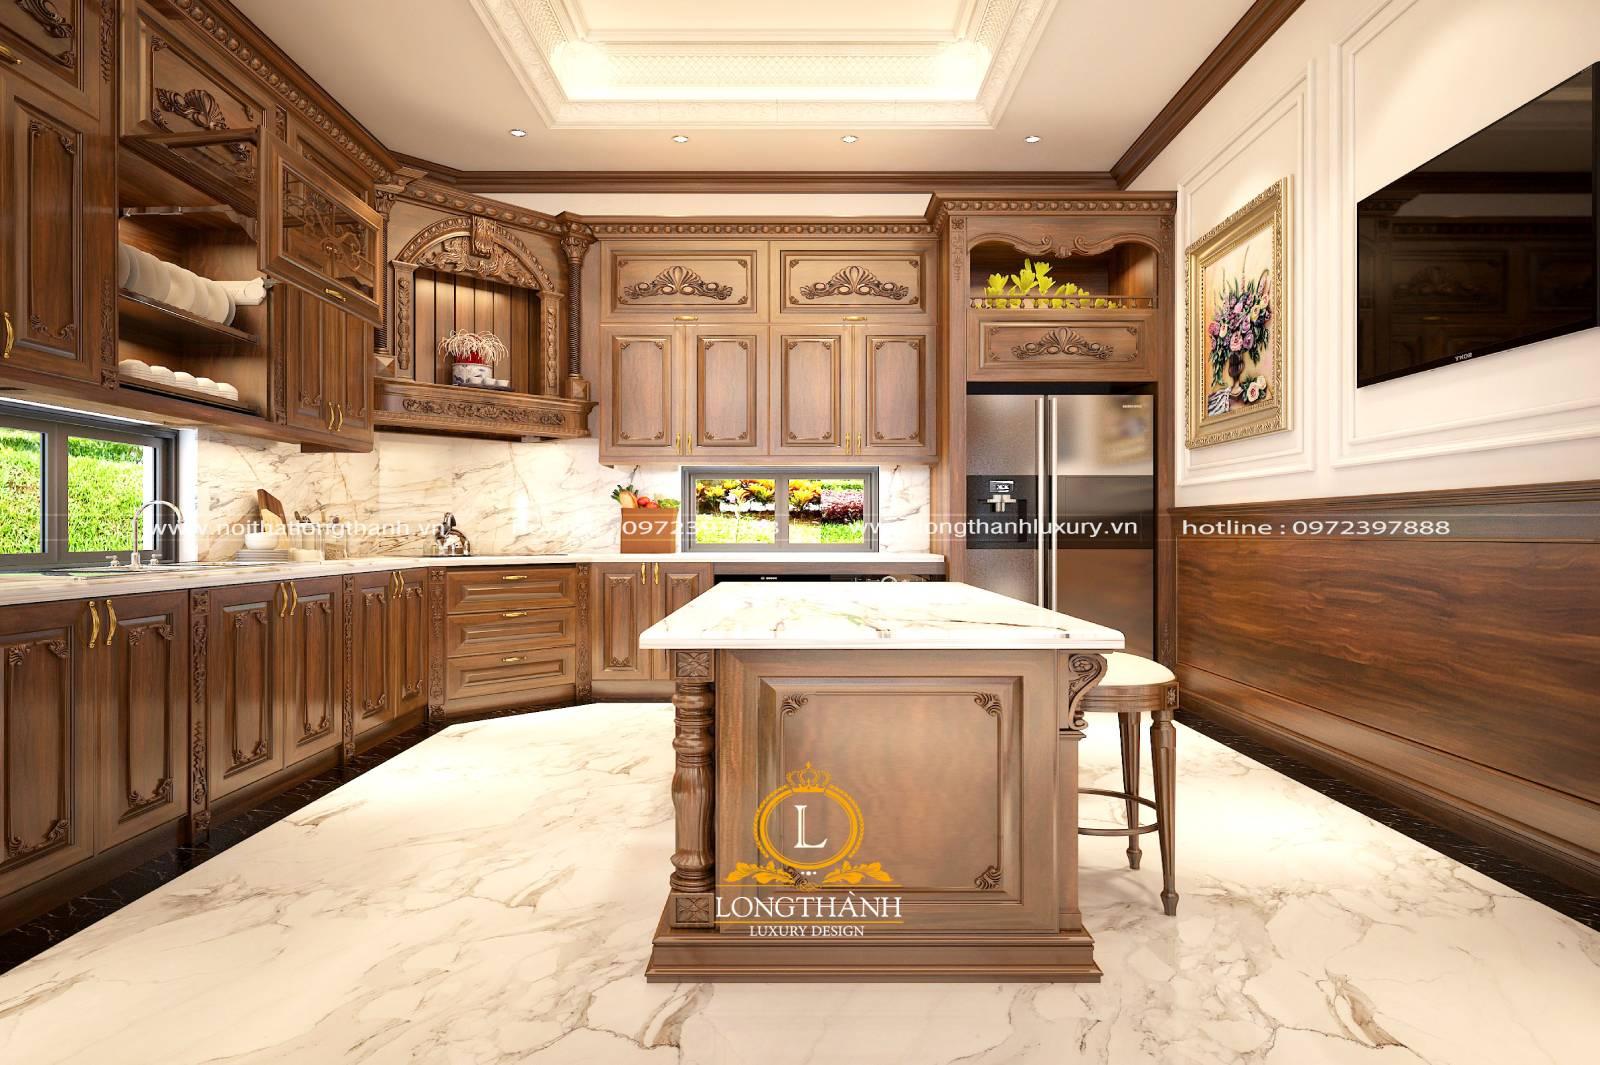 Thiết kế tủ bếp gỗ Gõ cao cấp cho nhà biệt thự rộng